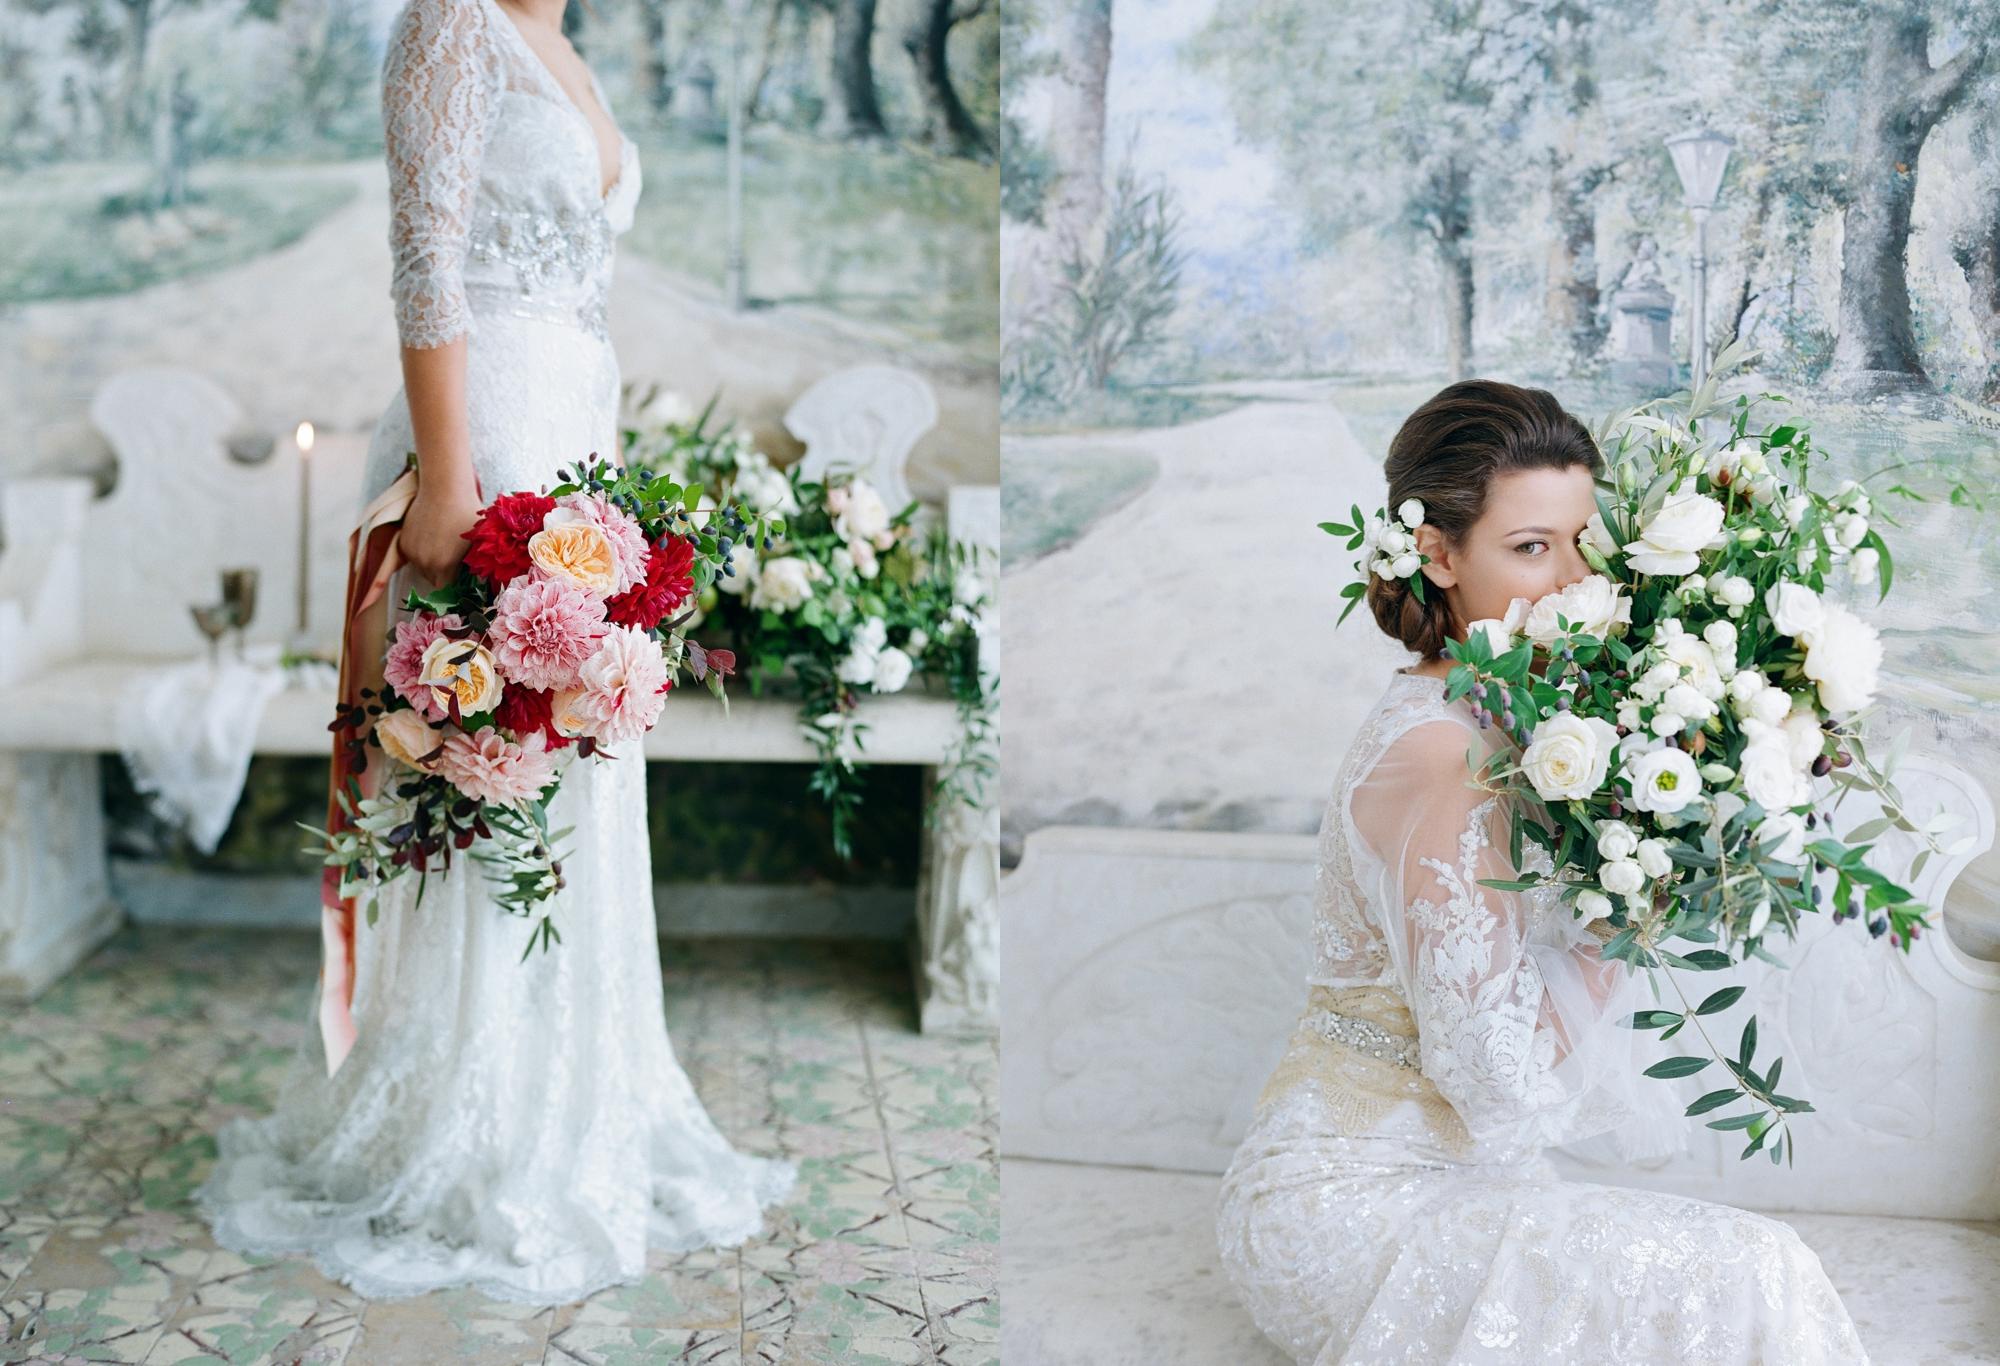 LVL-Weddings-and-Events-Villa-La-Terrazza-Sorrento-Italy-13 - LVL ...